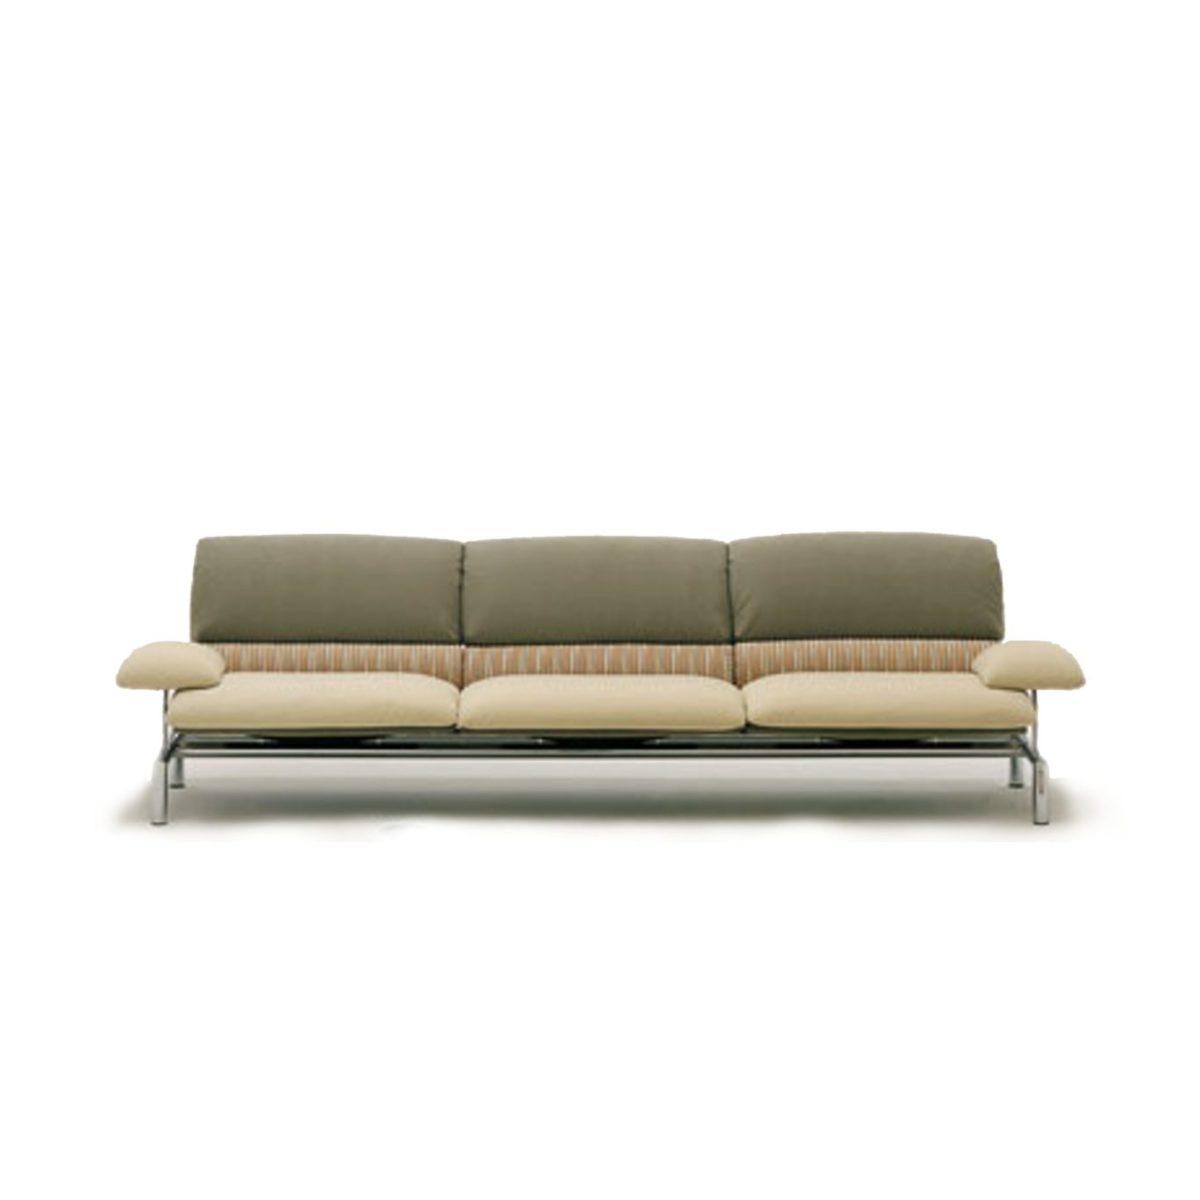 купить диван Olympic il loft